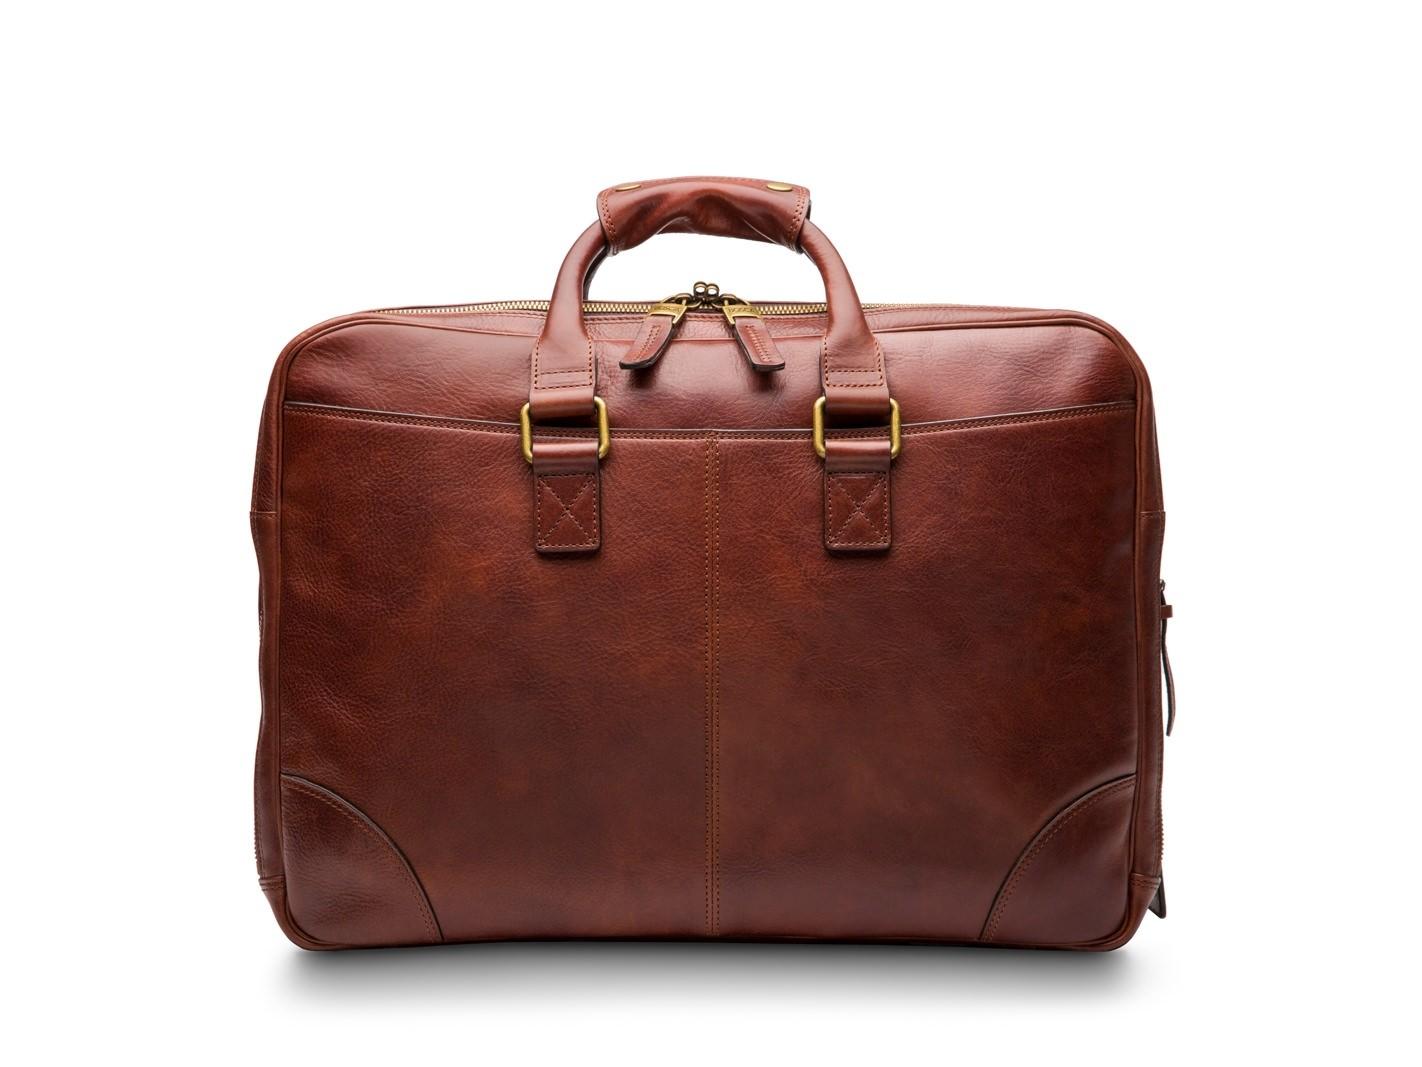 Dolce Stringer Bag